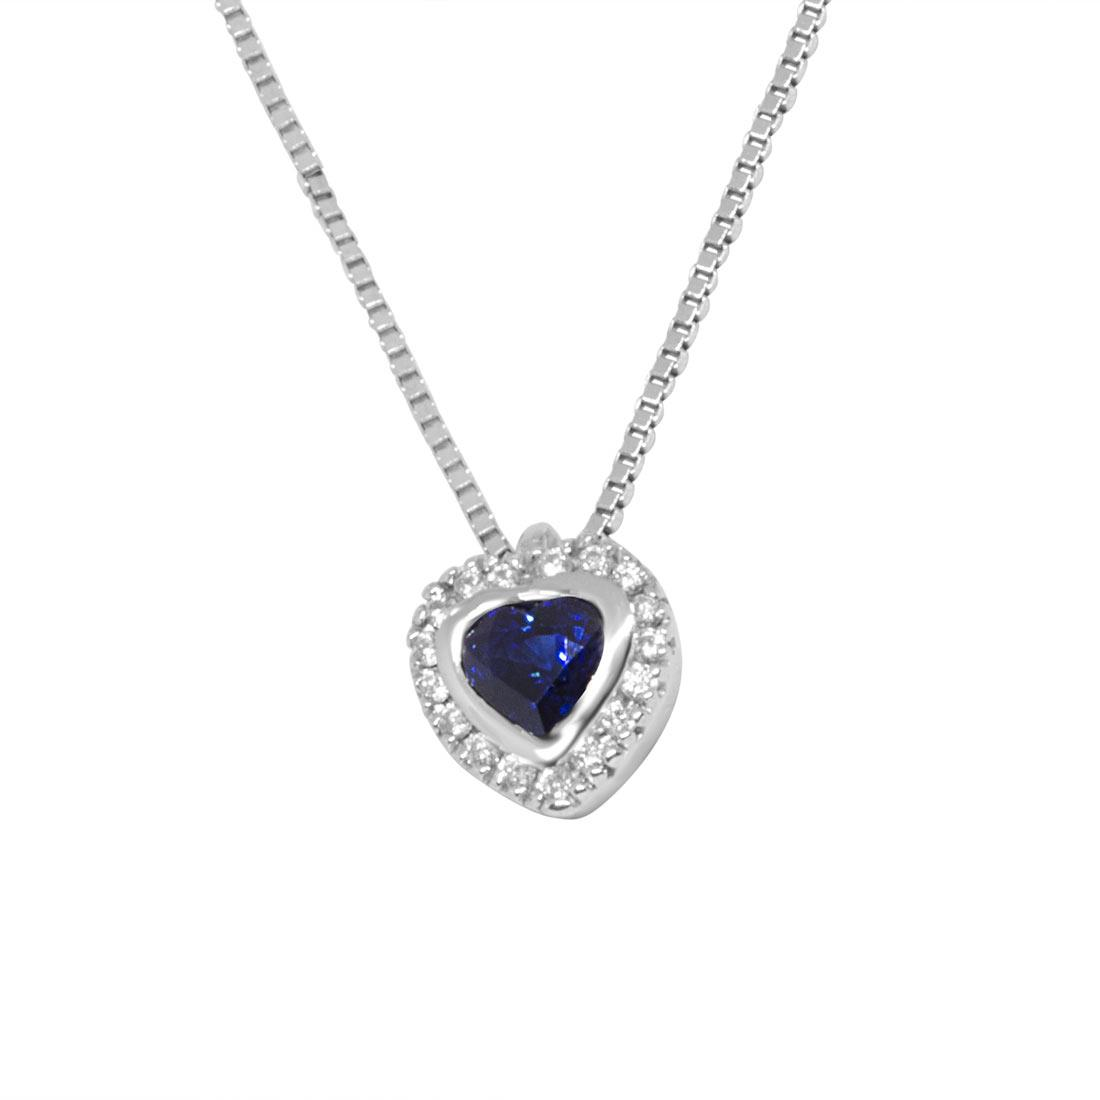 Collana in oro bianco, pendente a cuore con diamanti e zaffiro - ALFIERI ST JOHN